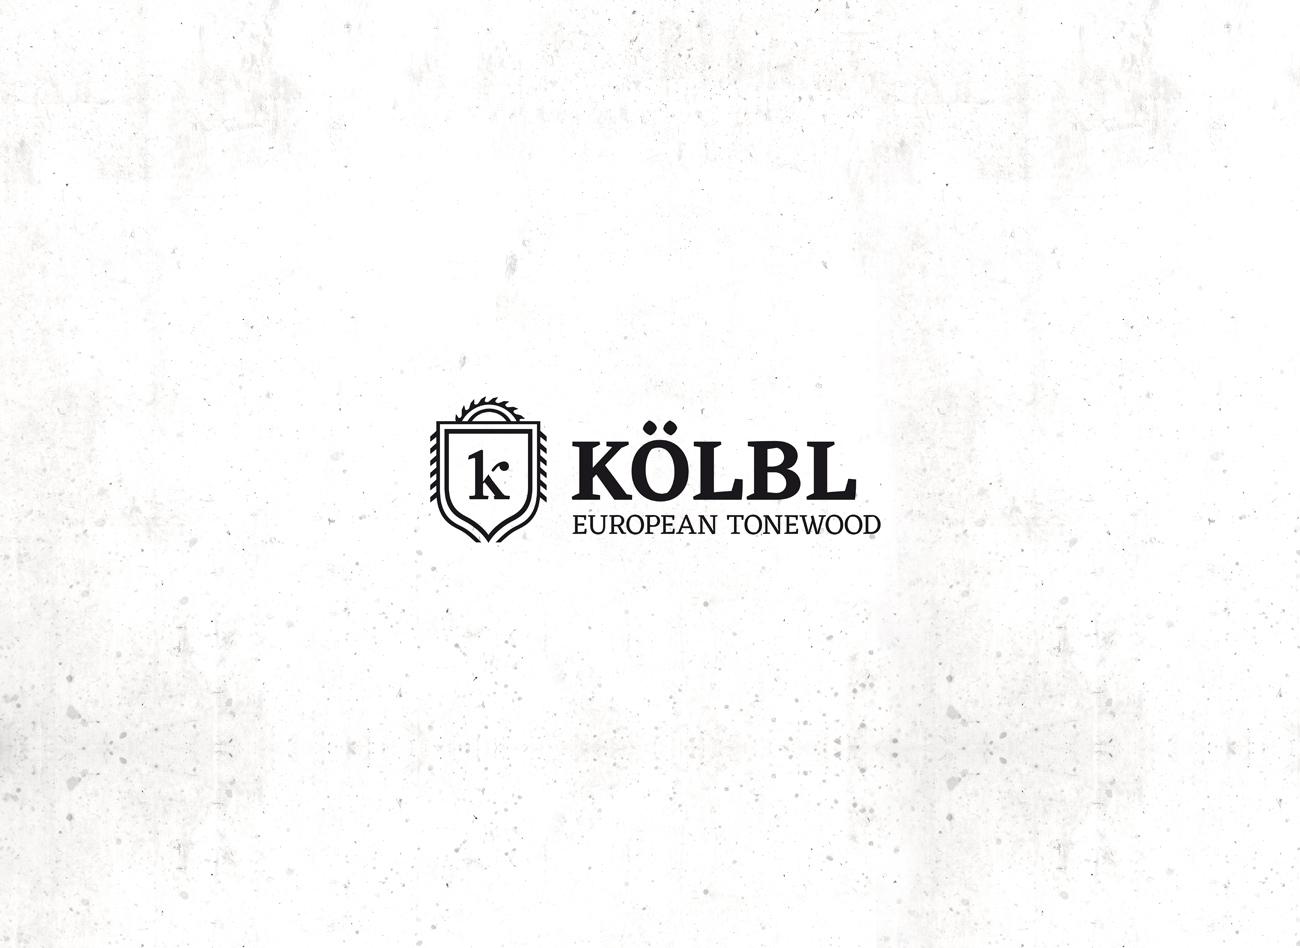 Logogestaltung / KÖLBL European Tonewood